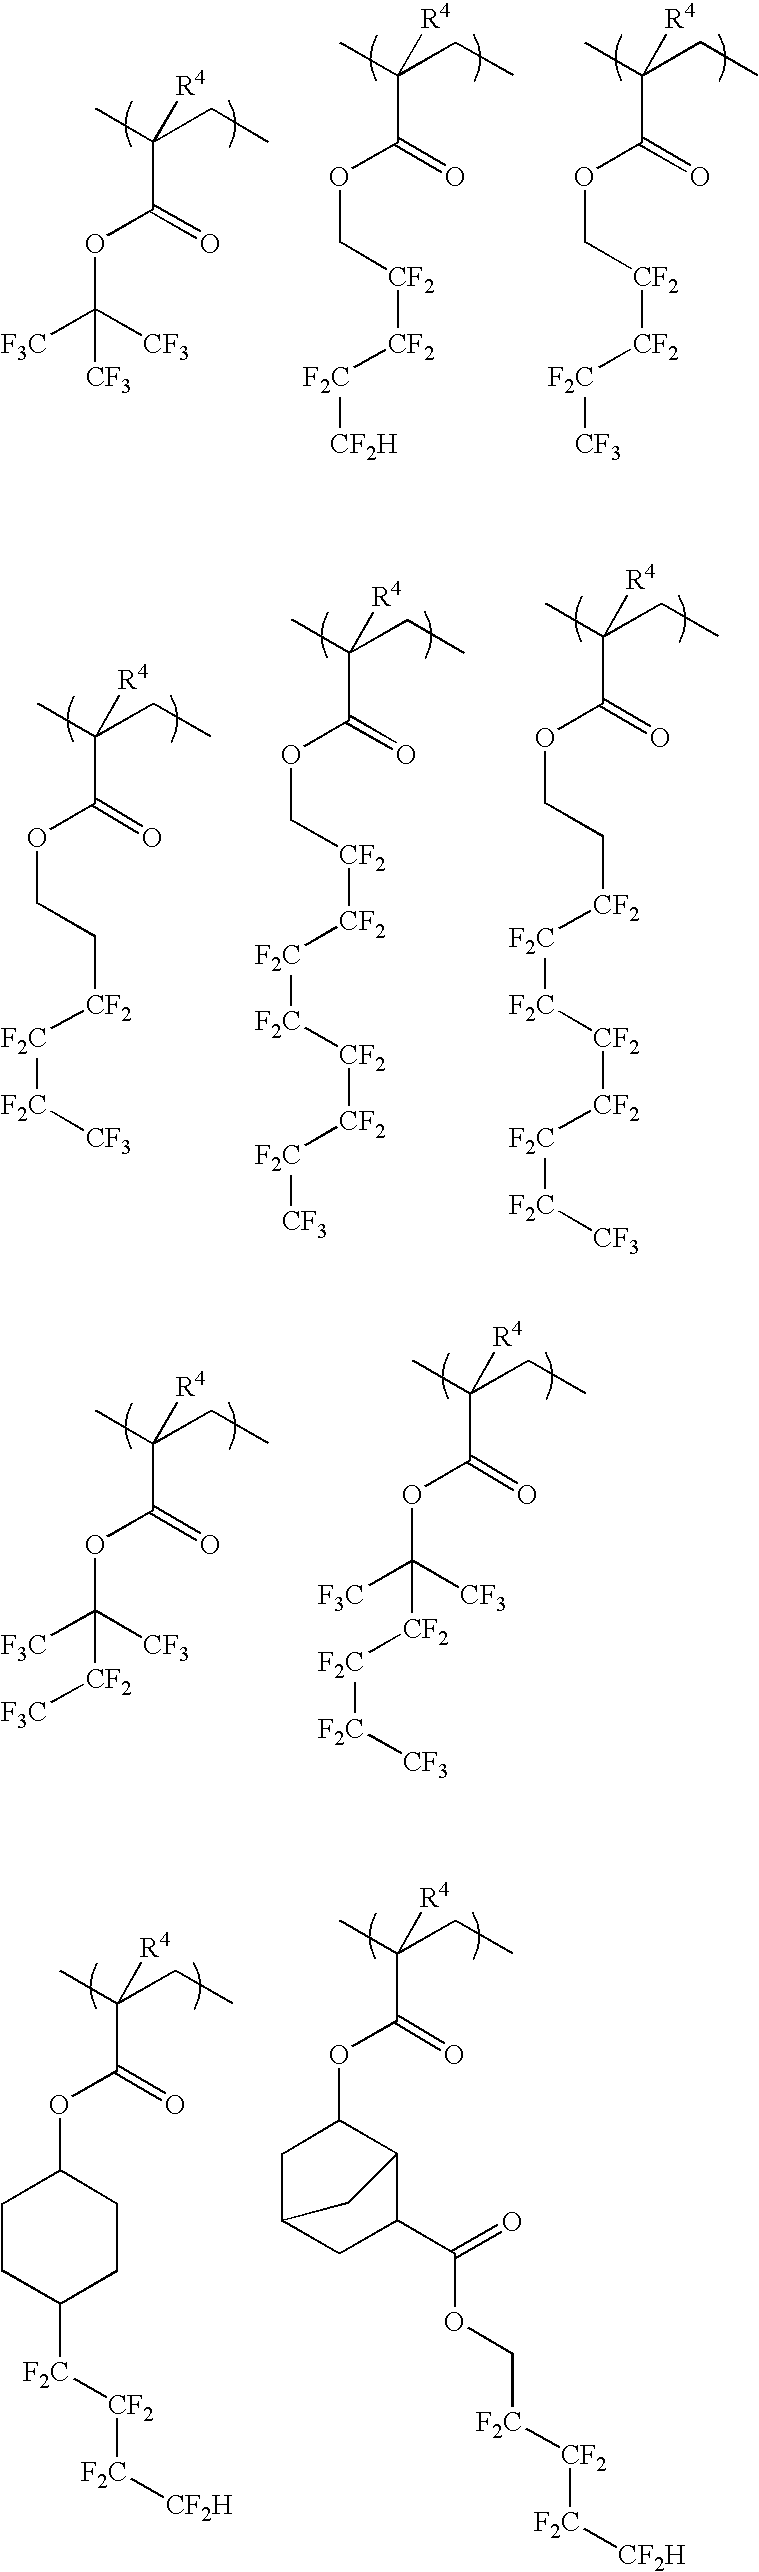 Figure US20070231738A1-20071004-C00013